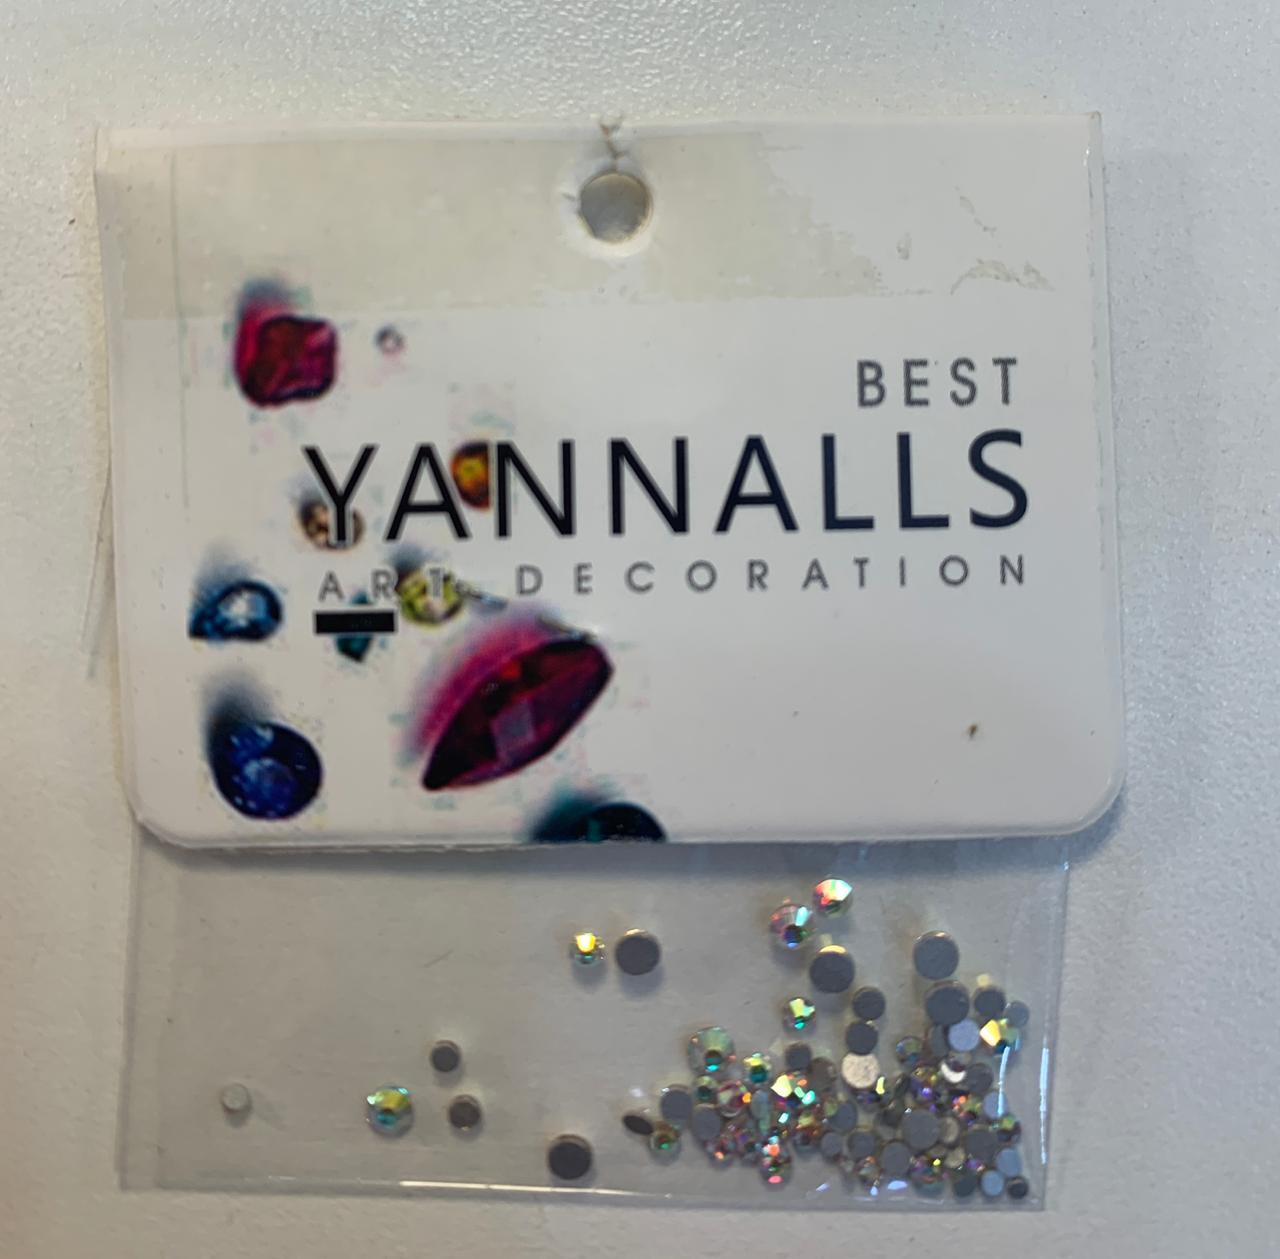 Pedra para Unhas Best Yannalls  - LUISA PERFUMARIA E COSMETICOS